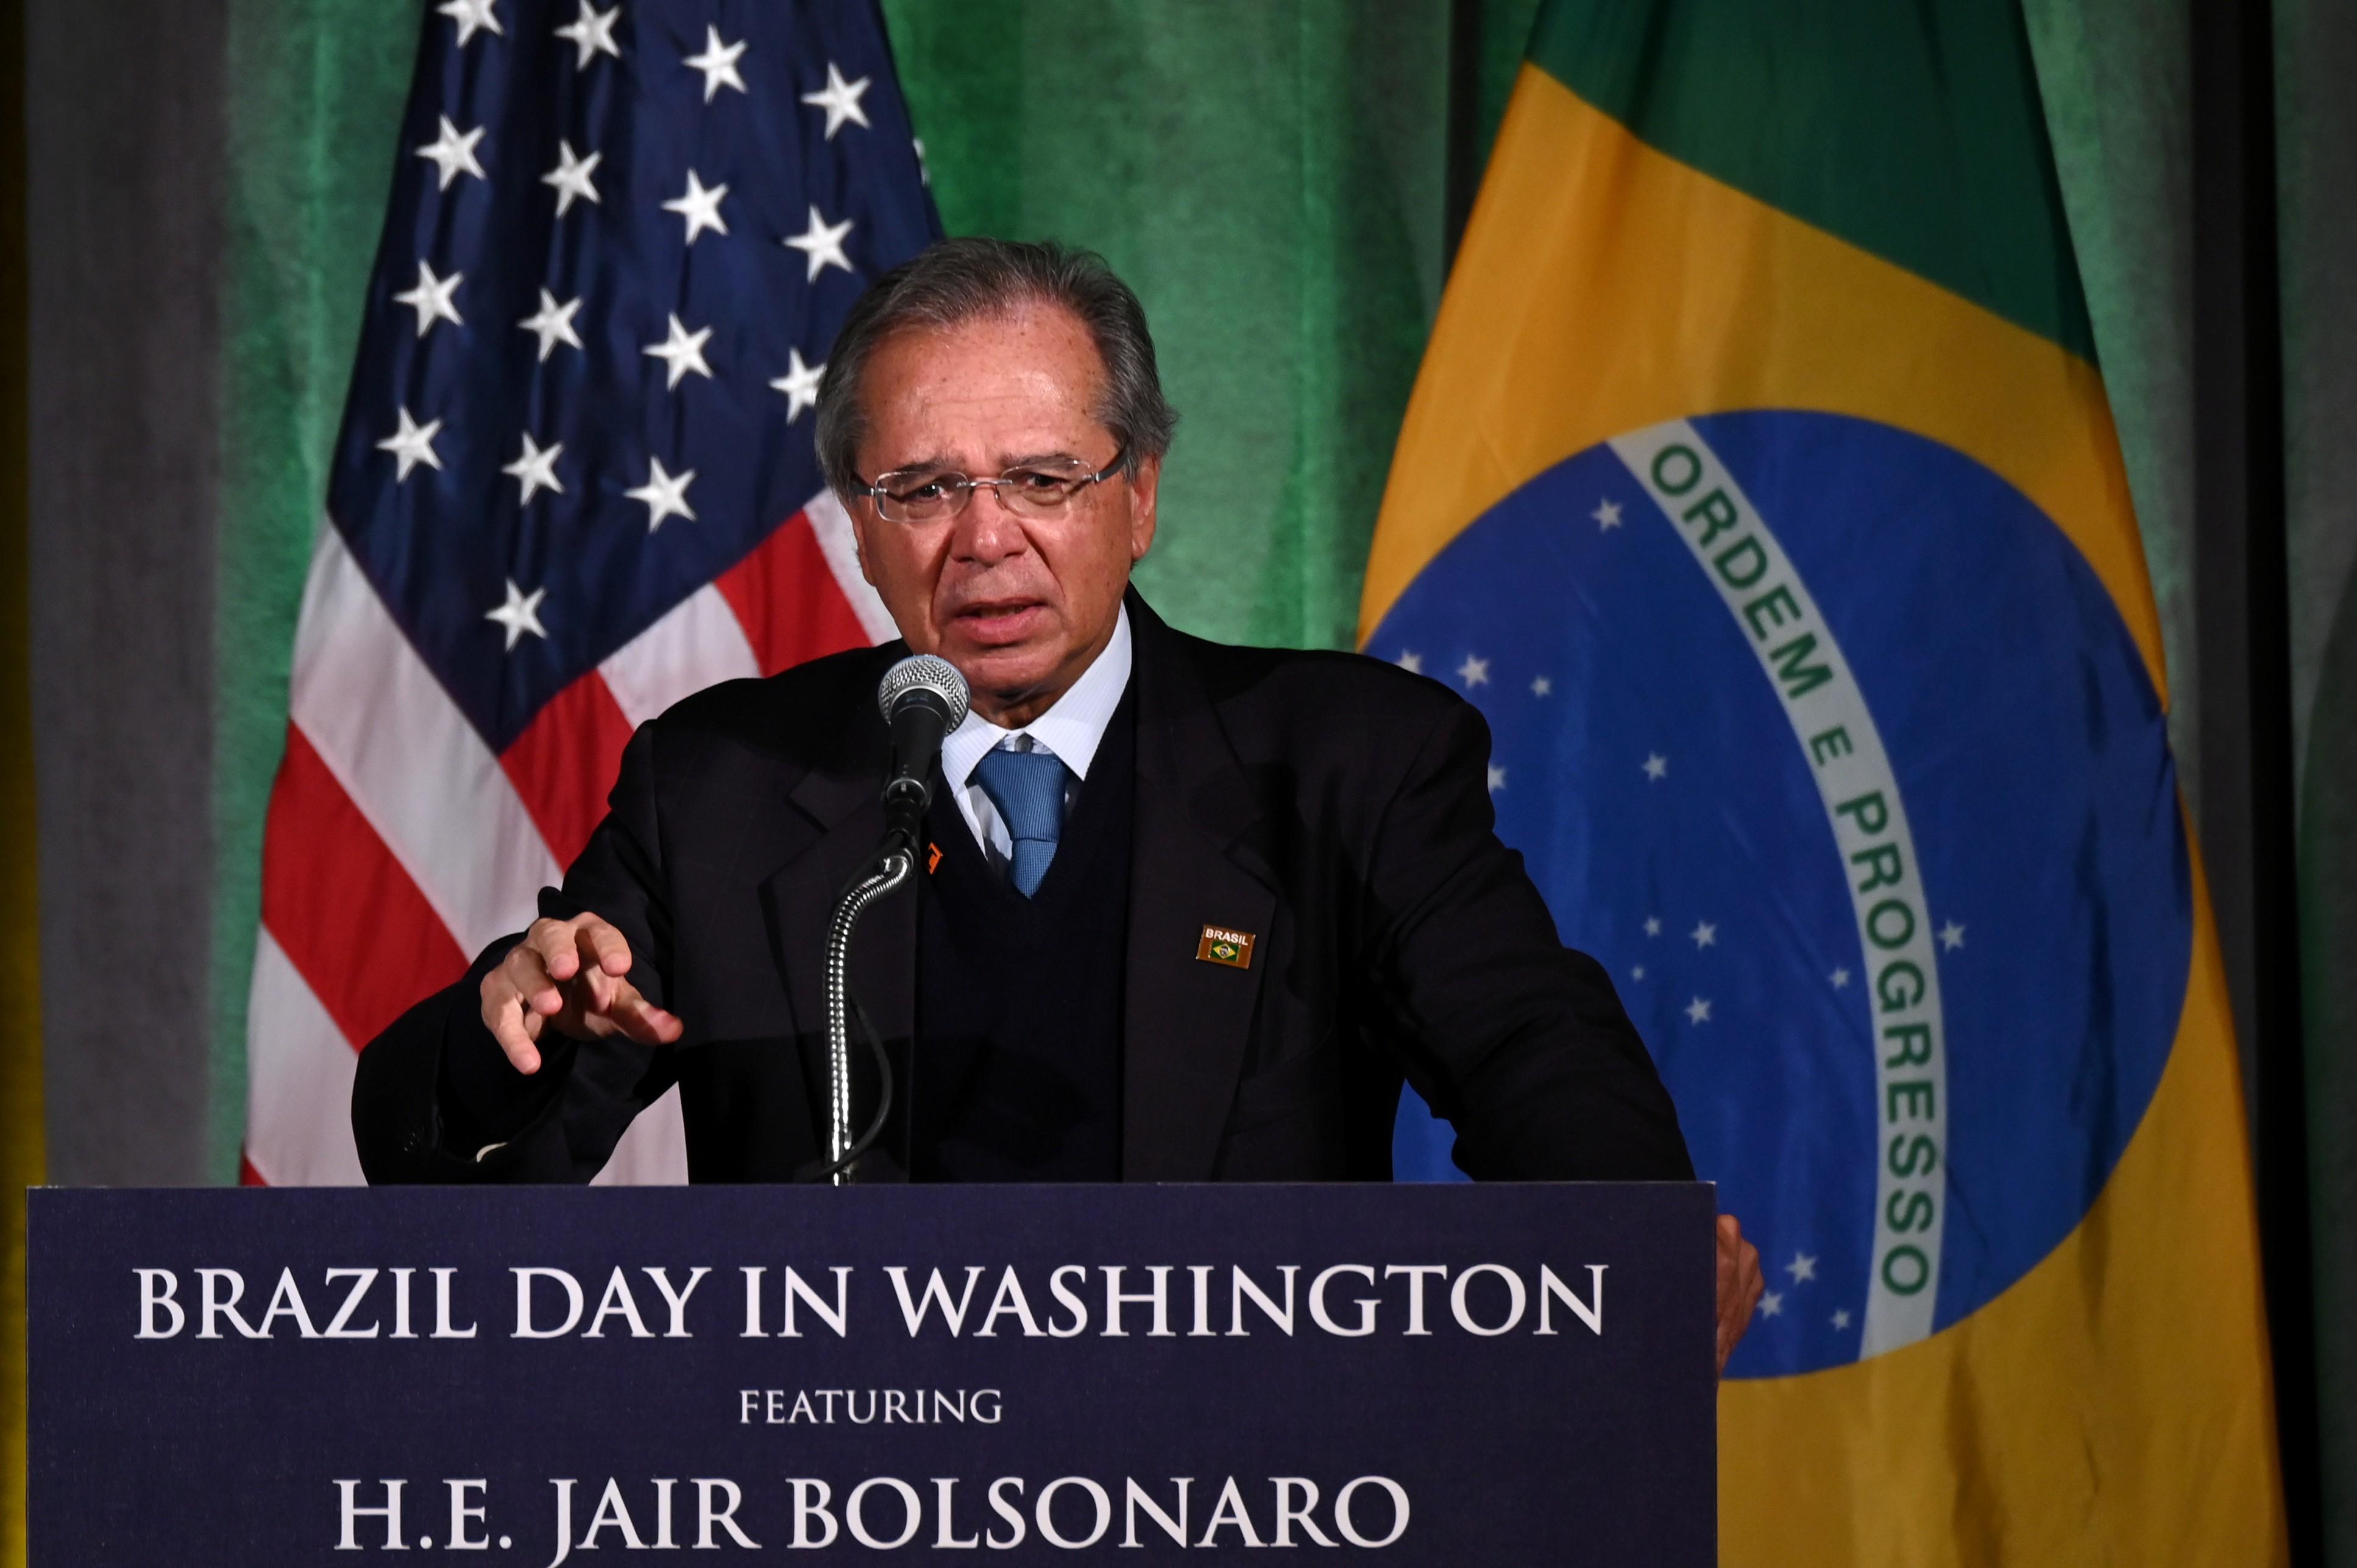 Em discurso nos EUA, Guedes defendeabertura econômica e redução do Estado